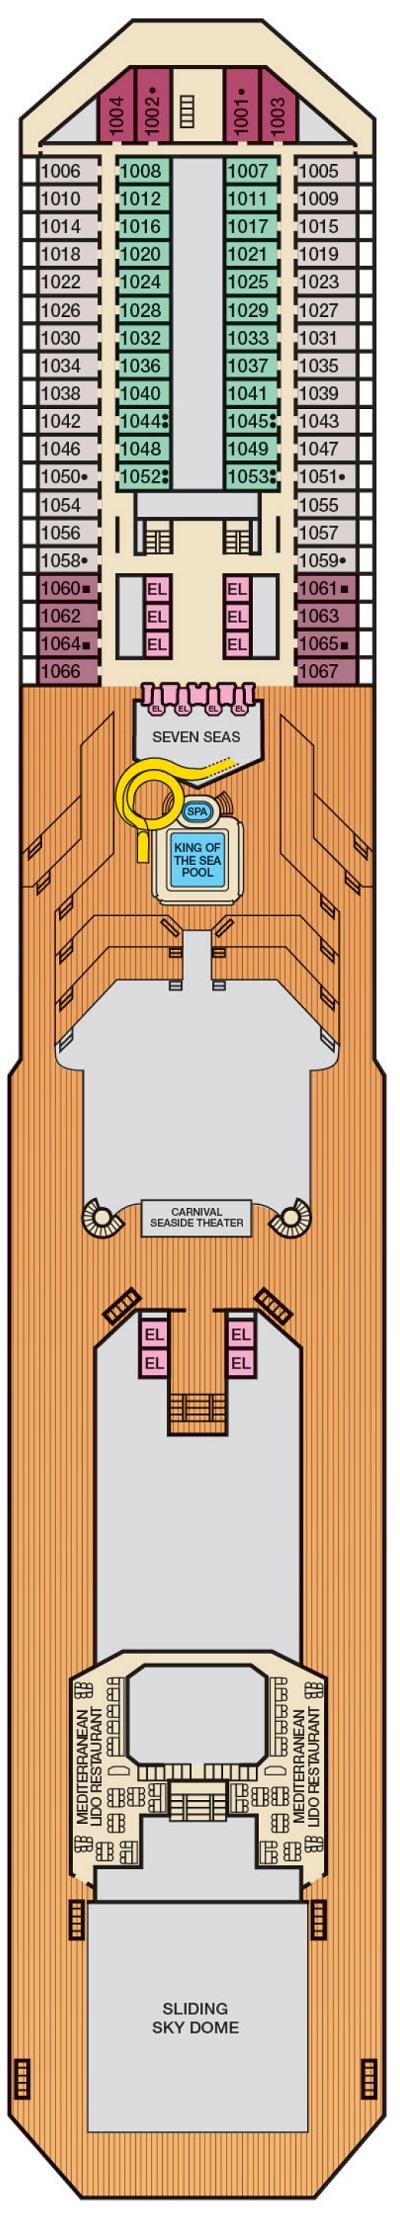 Deck 10 - Panorama